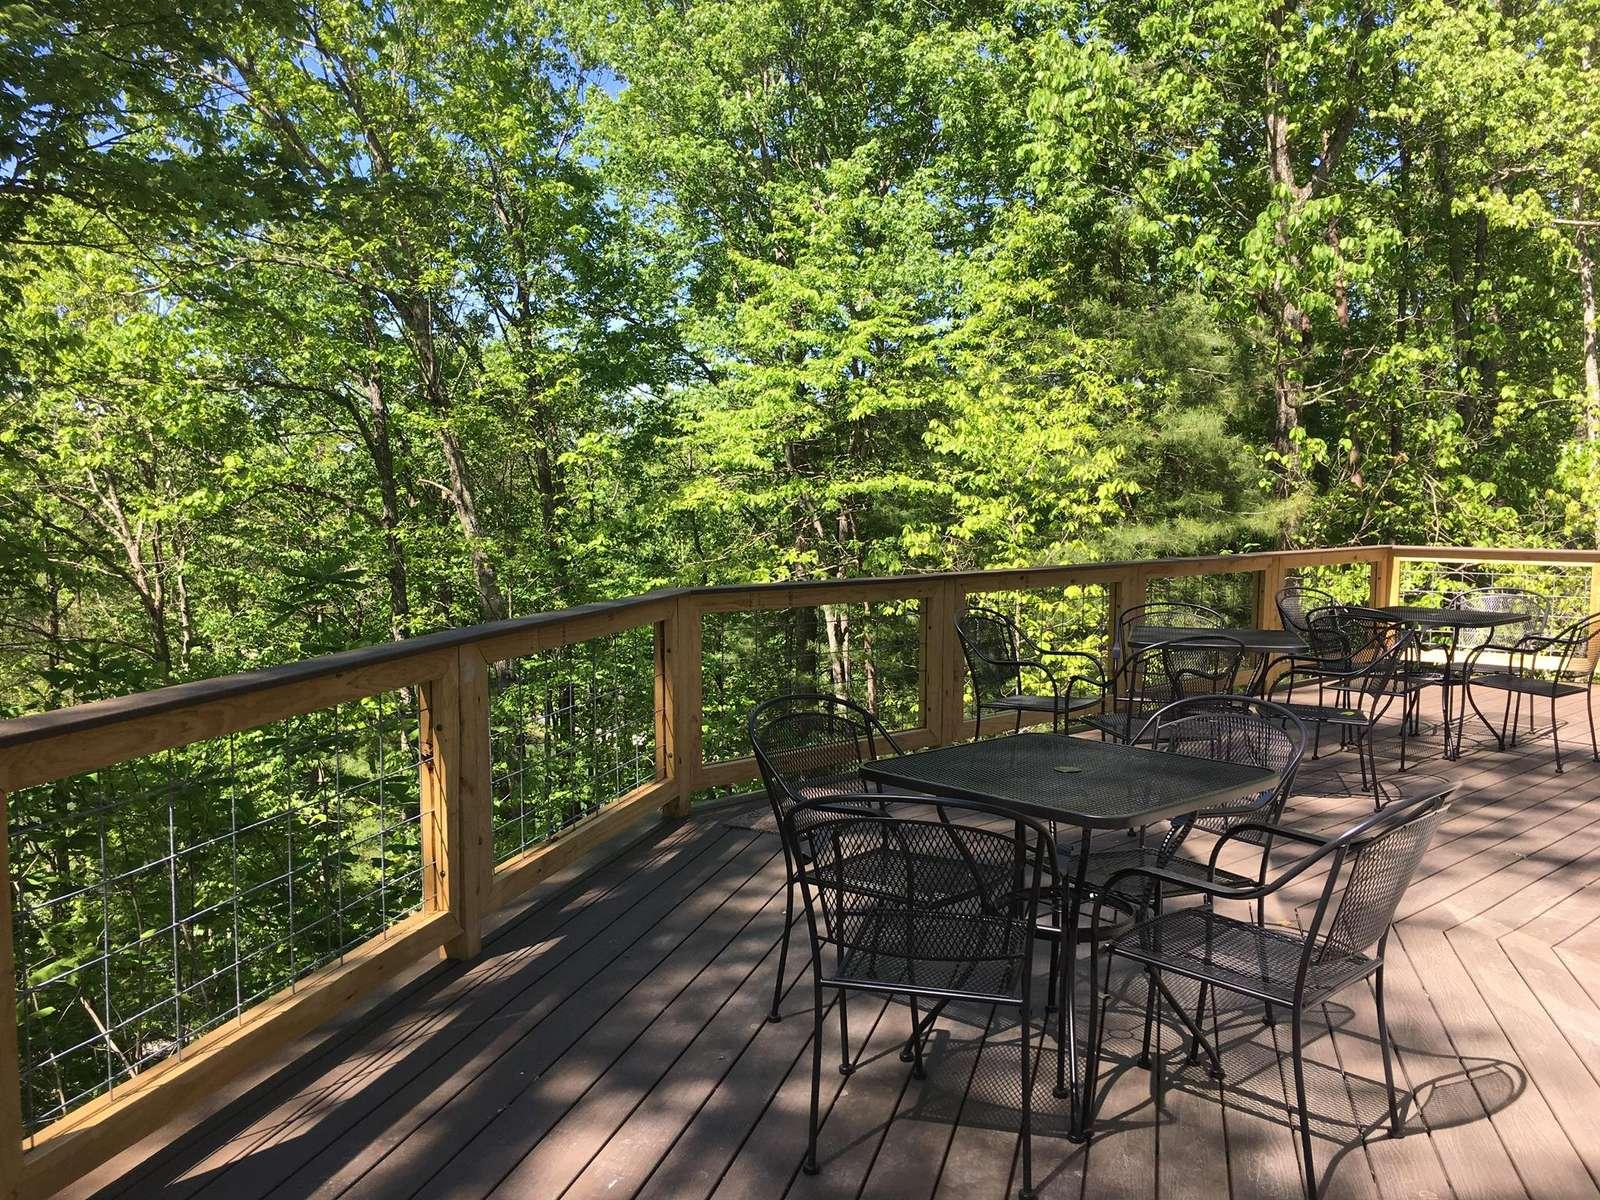 Kentucky Straight Wilderness_Deck